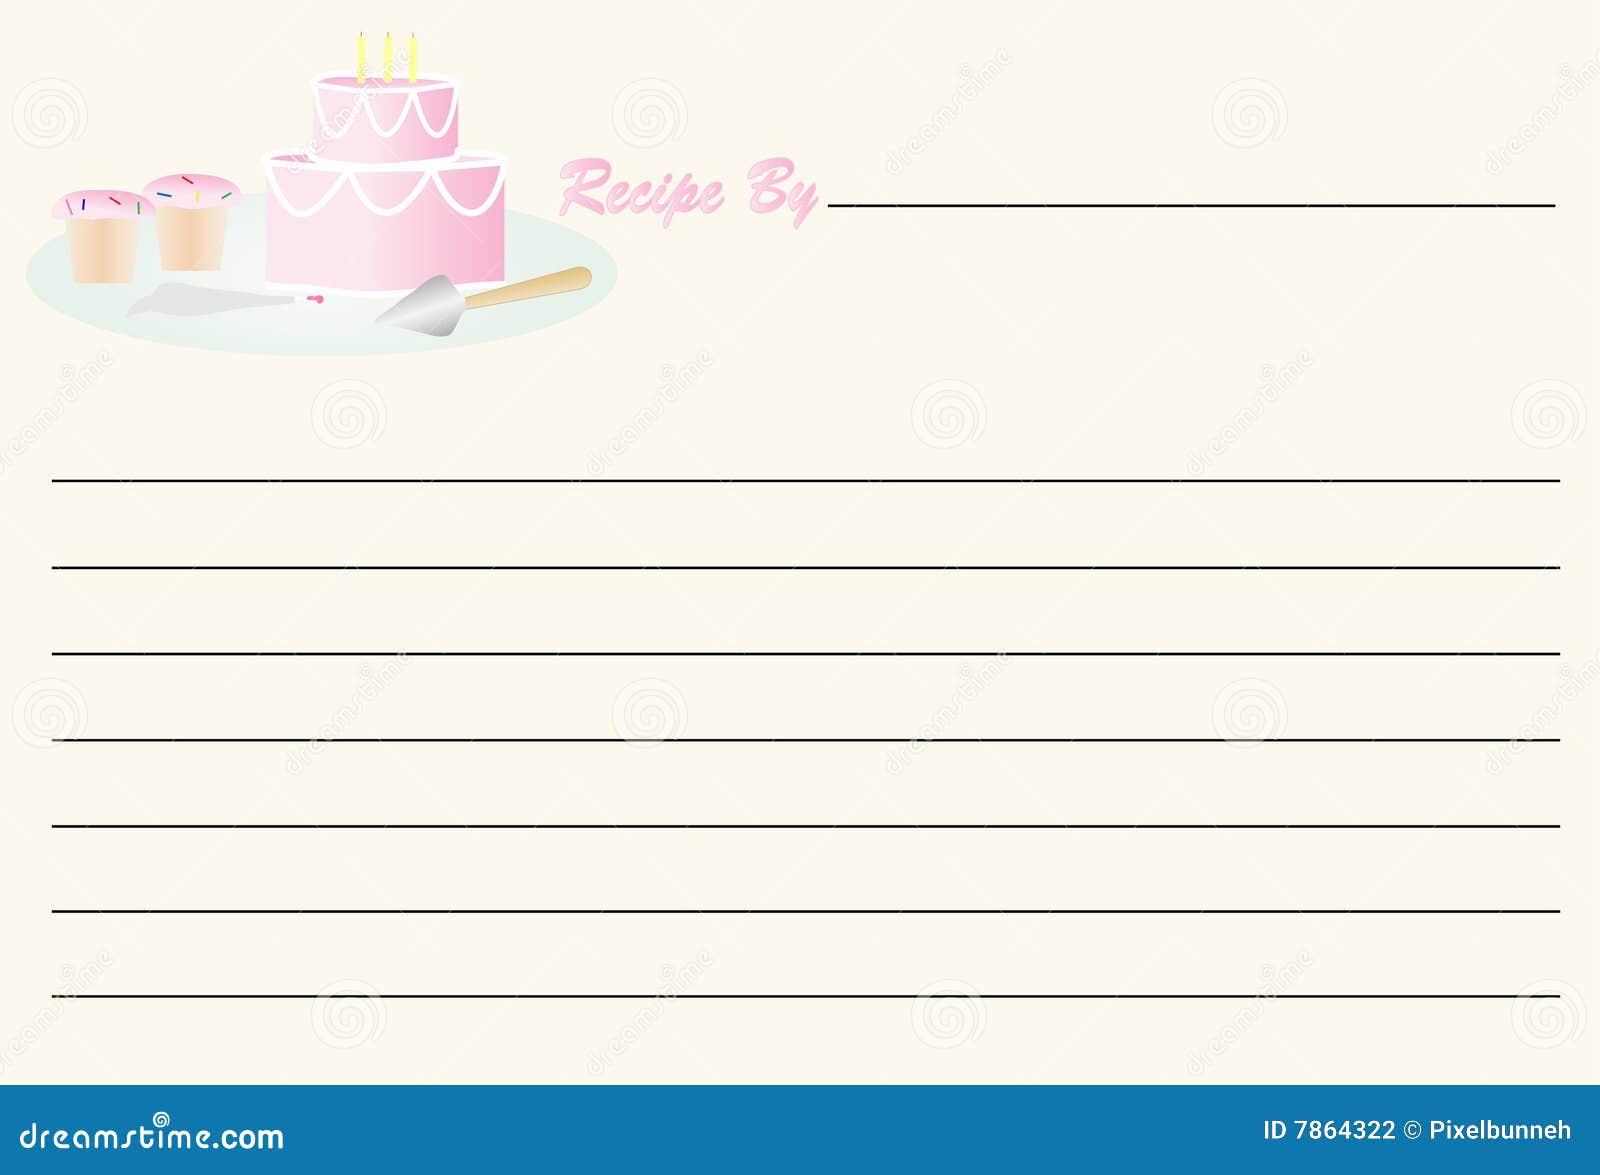 Rezept-Karte - Geburtstag stock abbildung. Illustration von index ...